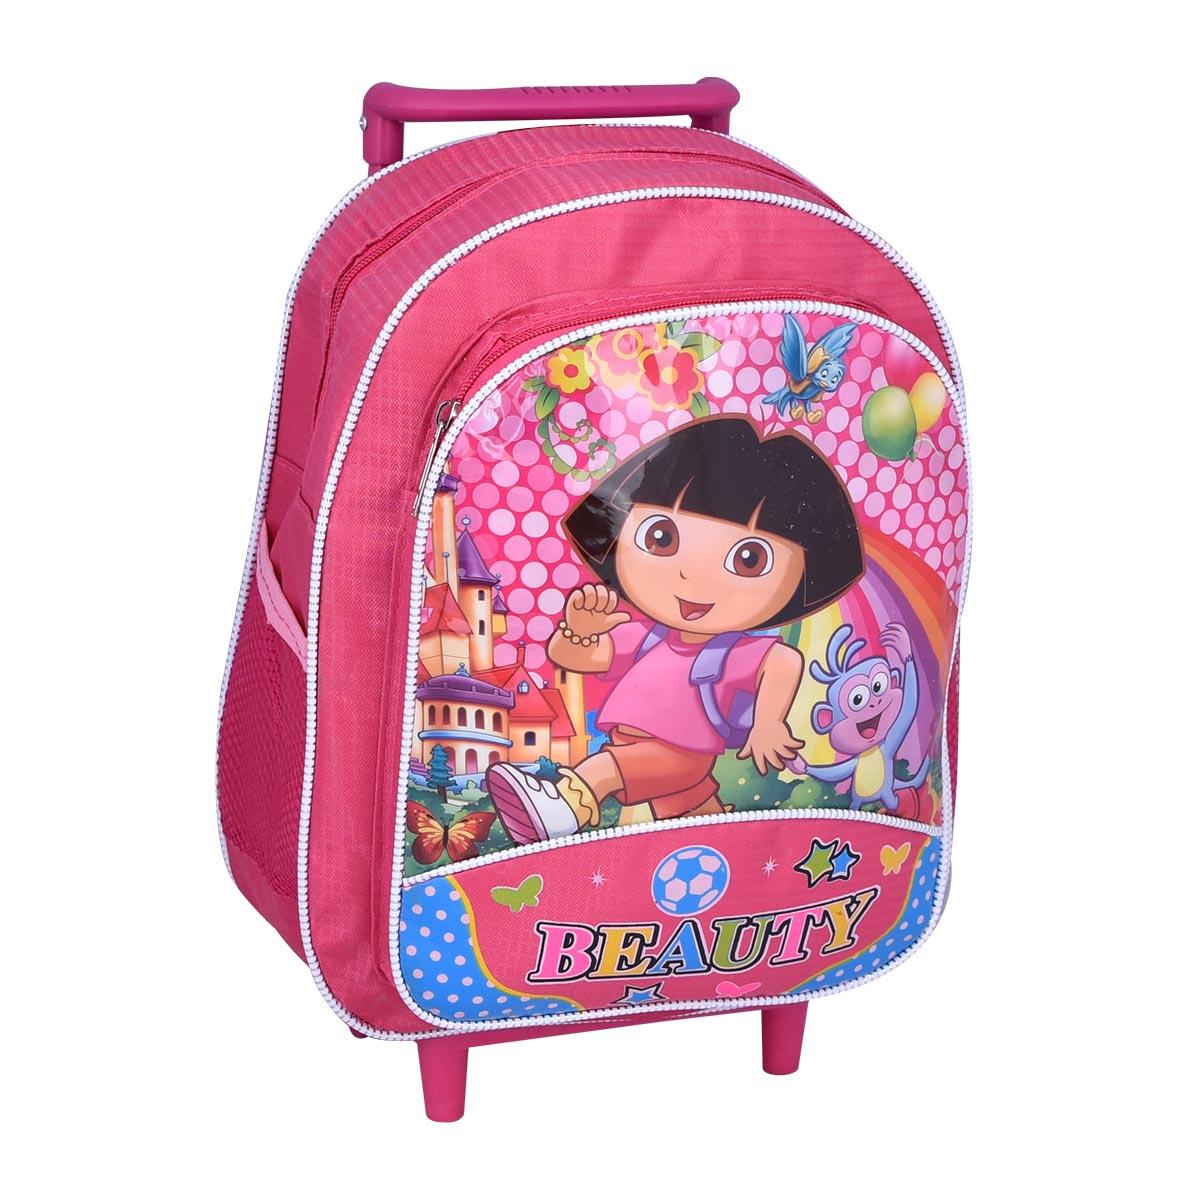 حقيبة ظهر شخصيات مدرسية بعجلات لاطفال الروضة - رقم YM-20600